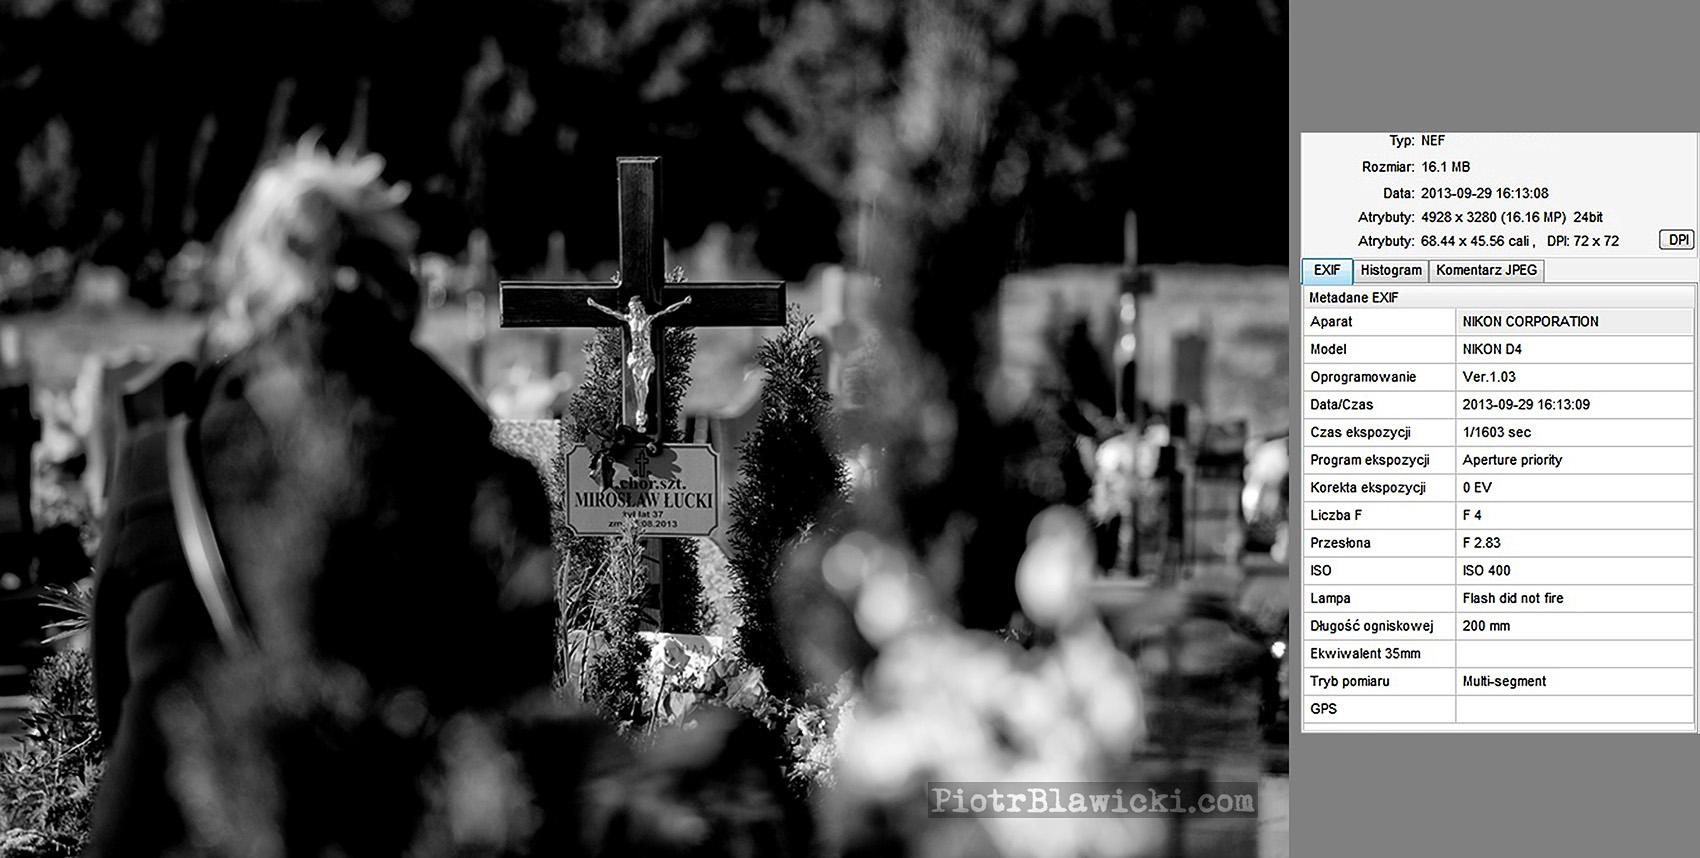 miesiąc po pogrzebie komandosa, przy grobie żona Beata. Lubliniec, 29 września 2013